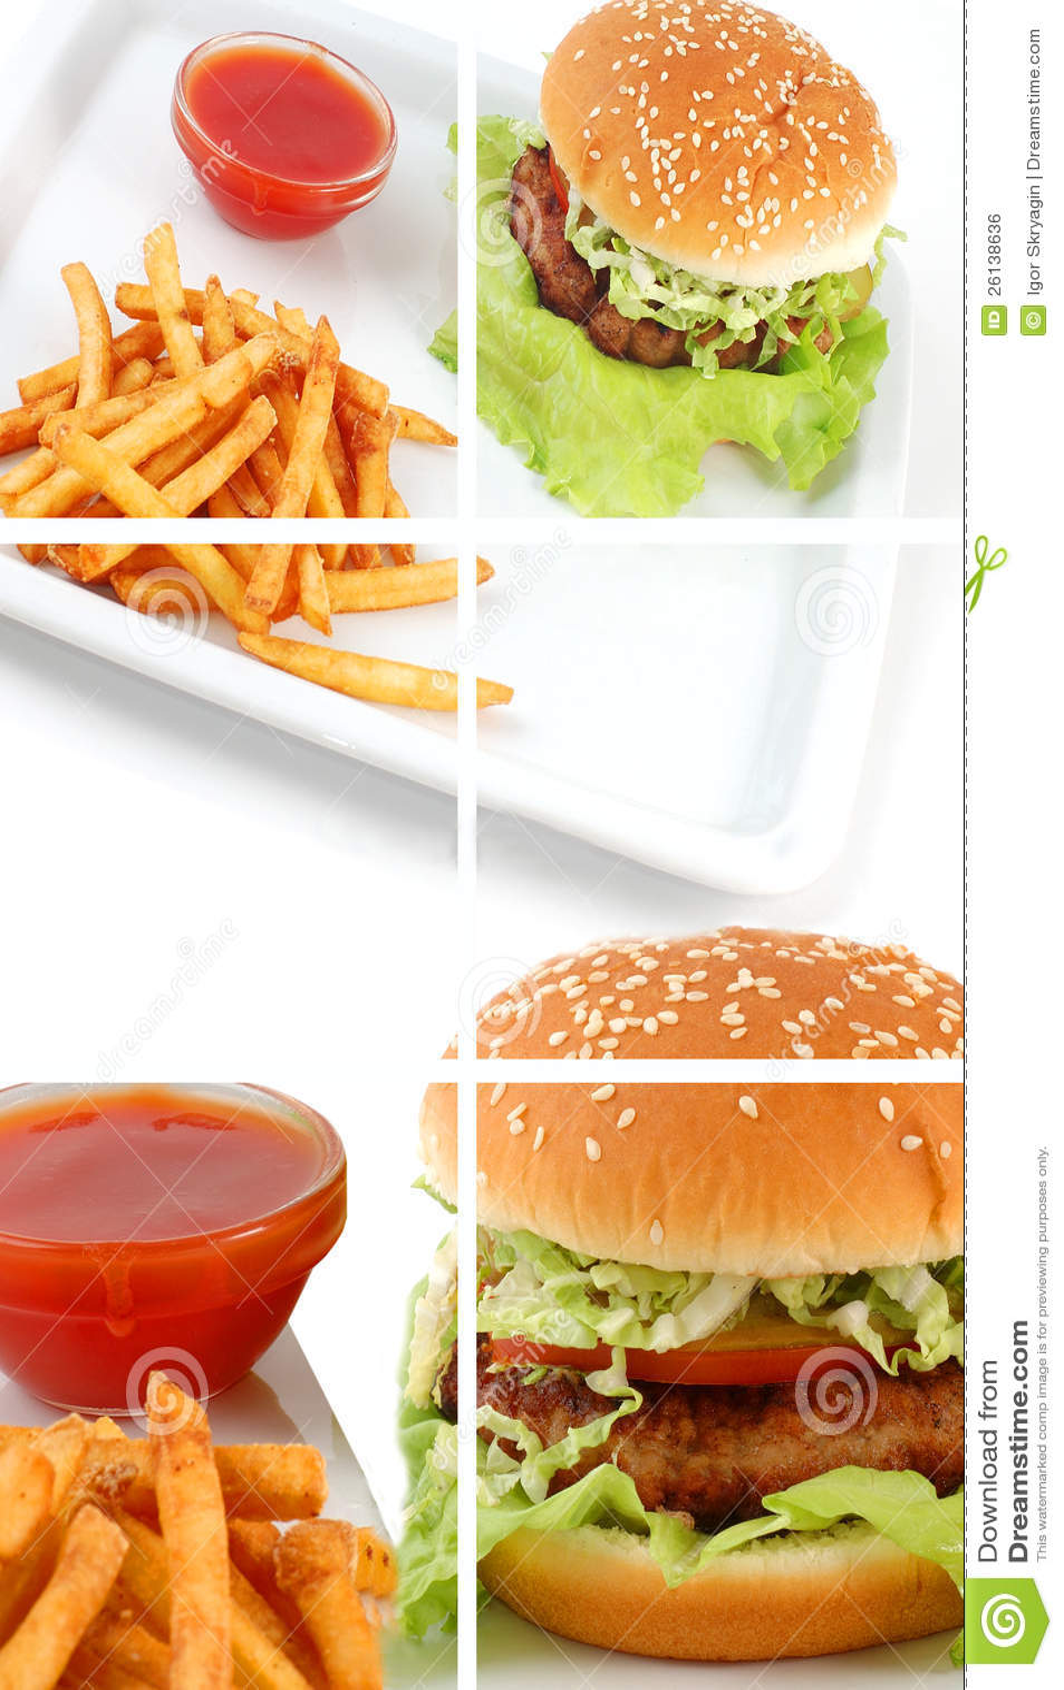 Colagem do cheeseburger